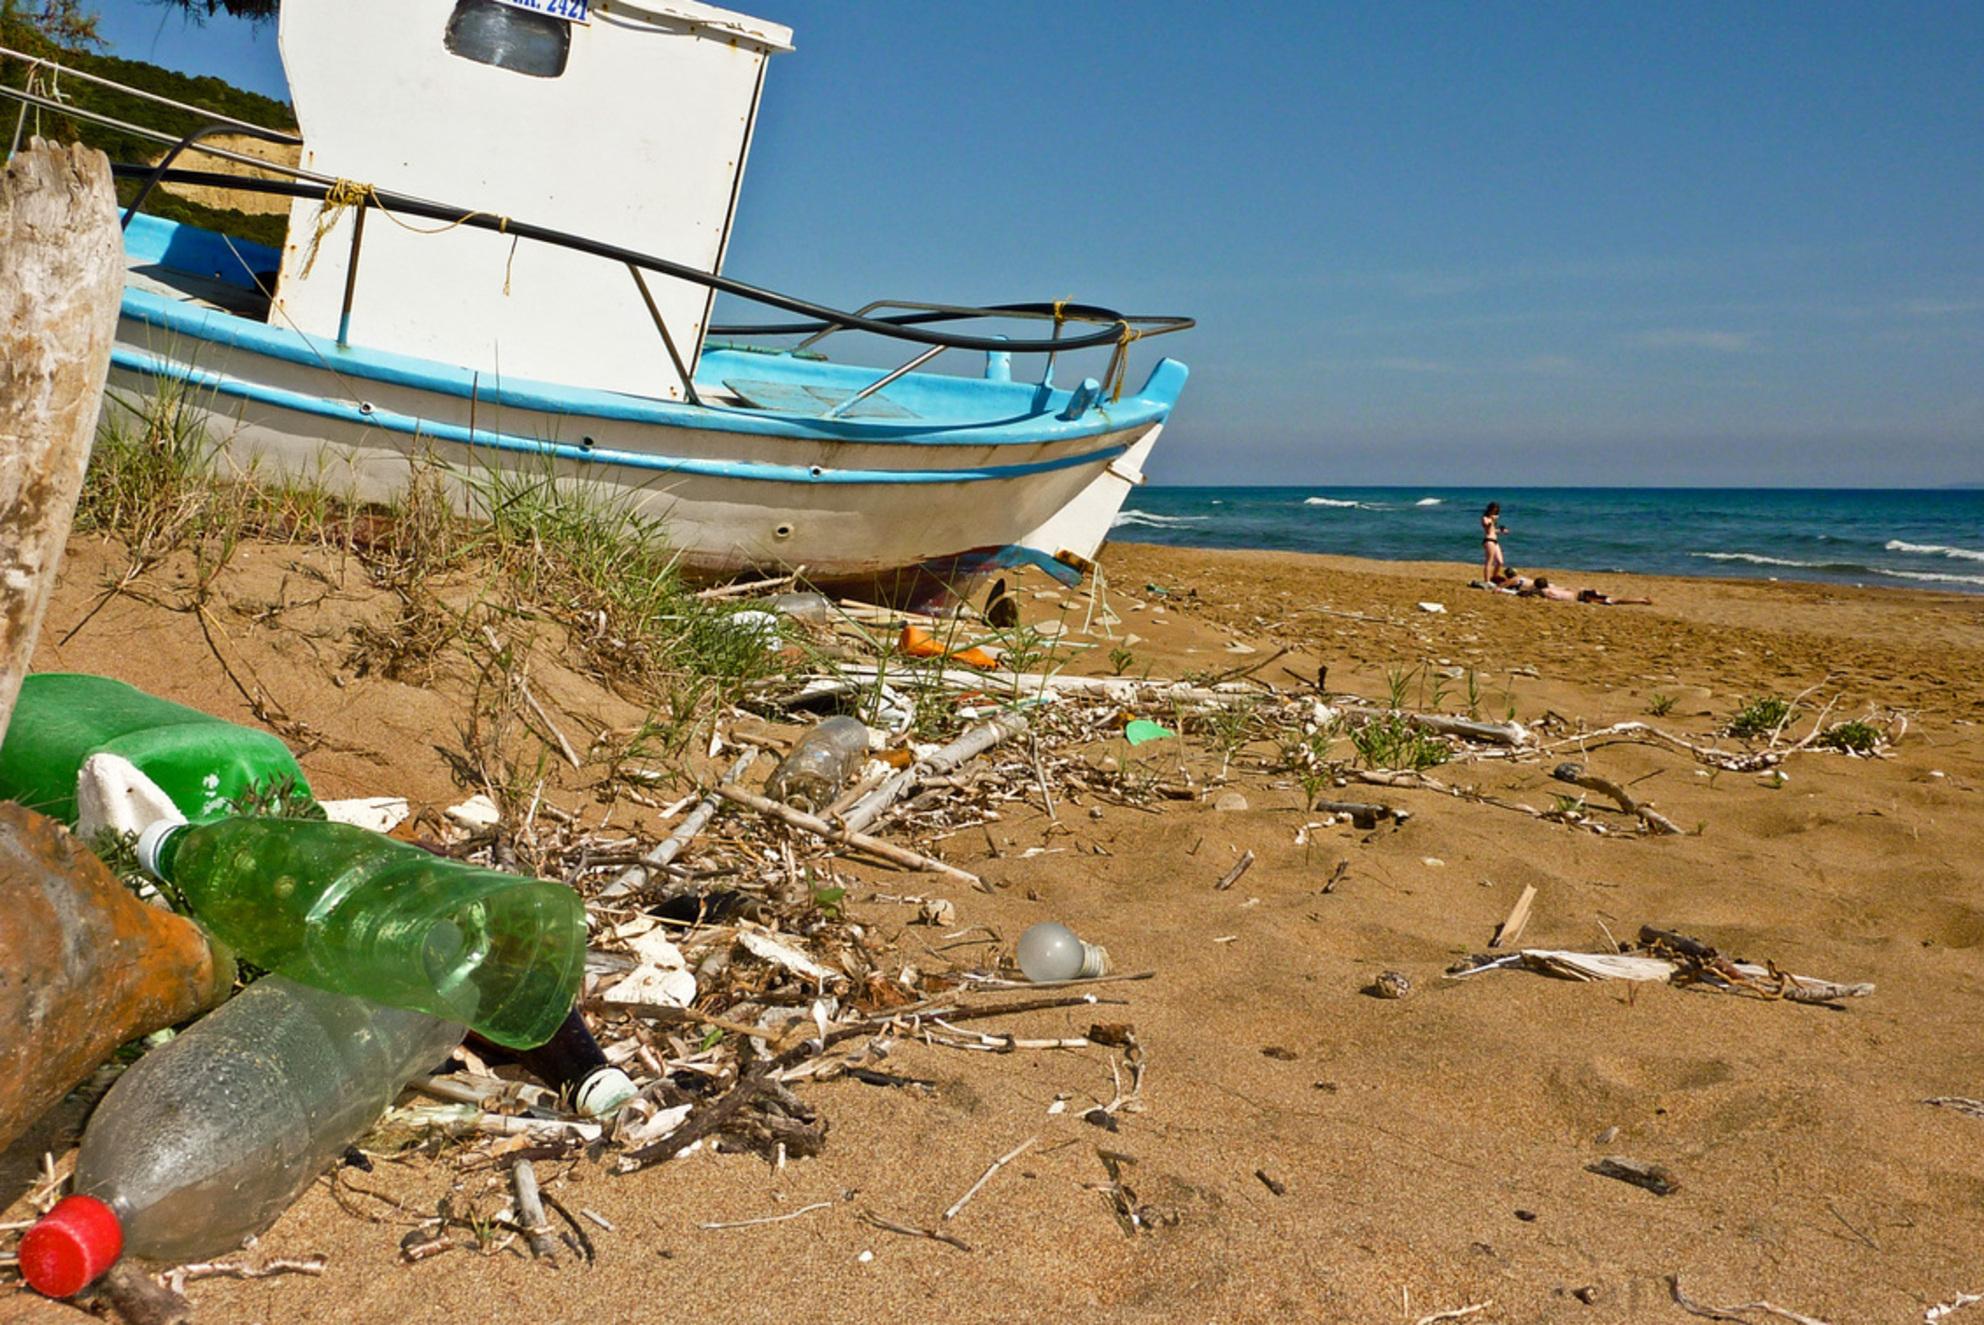 Mediterraan Vergezicht - Mediterraan strand met plastic flessen een verlaten vissersboot en in de verte een paar zonnende badgasten. - foto door marcl op 09-05-2010 - deze foto bevat: zon, strand, zee, bootje, mediterraan - Deze foto mag gebruikt worden in een Zoom.nl publicatie